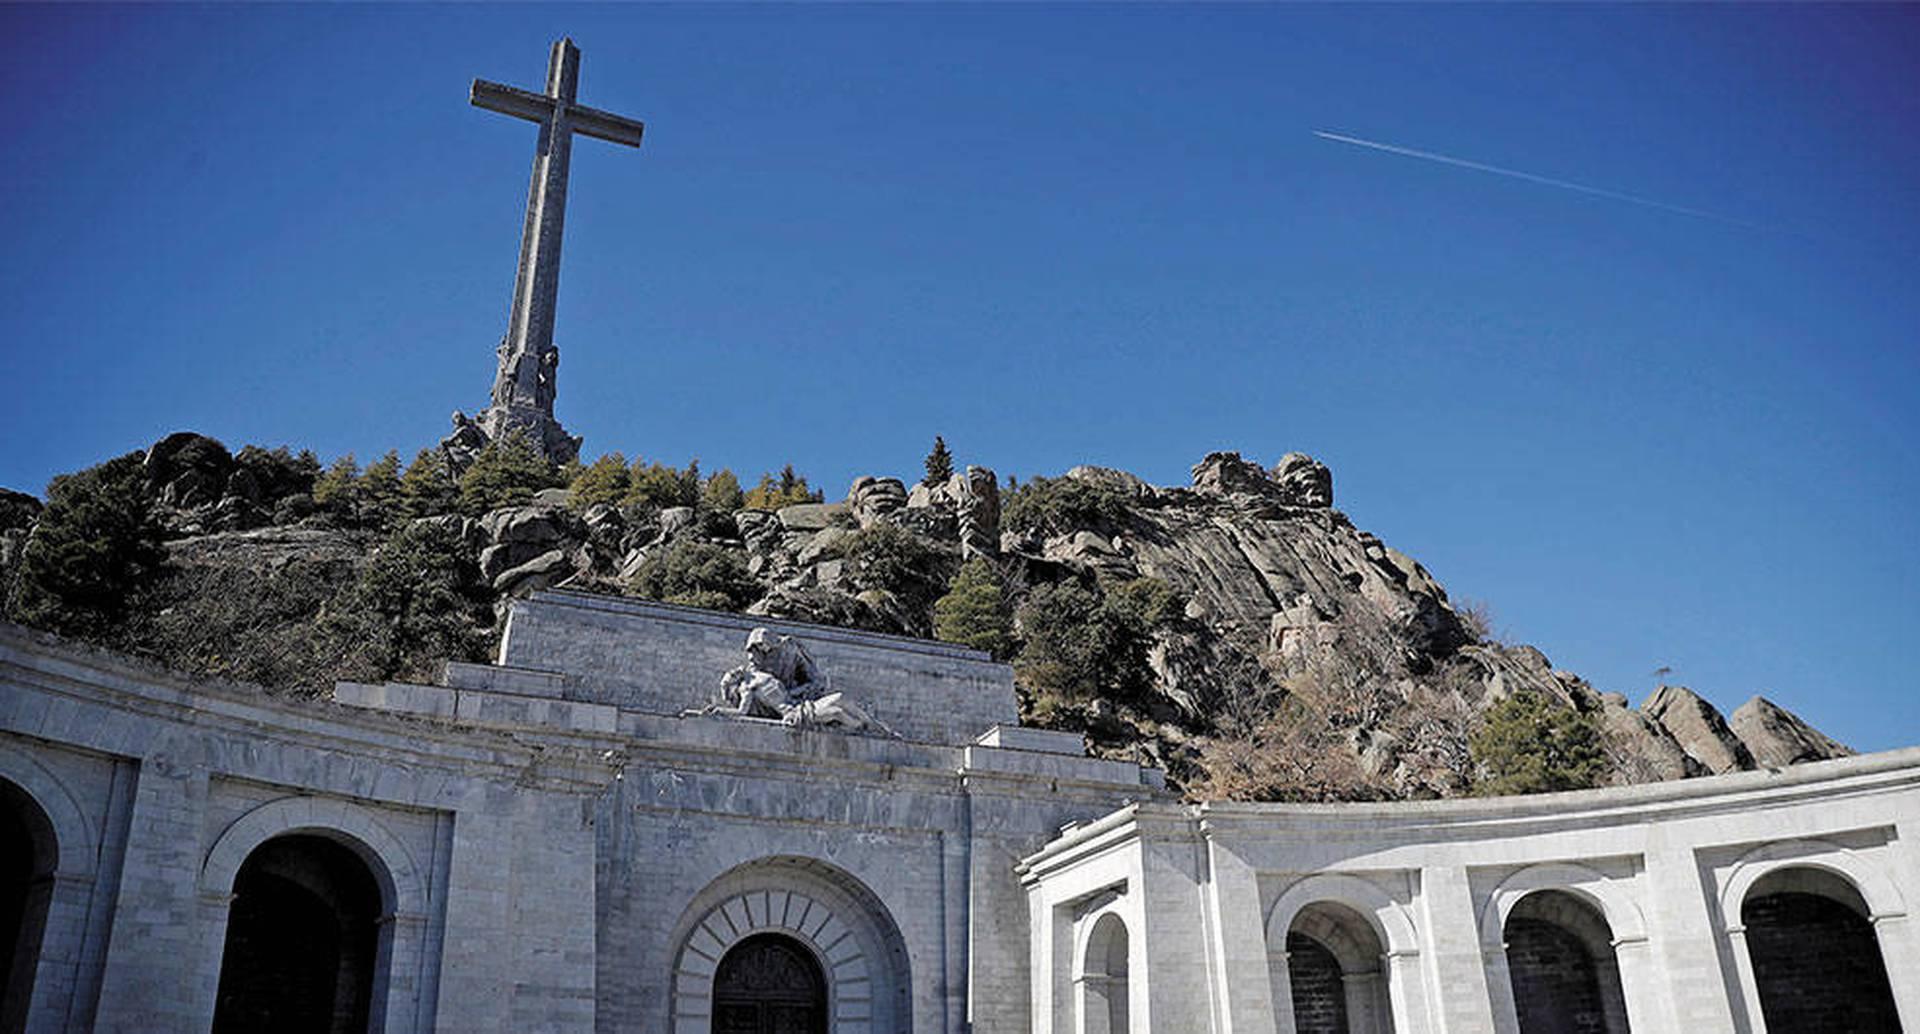 """El caudillo Francisco Franco ordenó construir el Valle de los Caídos en 1940. Allá los muertos del bando militar sublevado recibieron el tratamiento de """"mártires""""."""